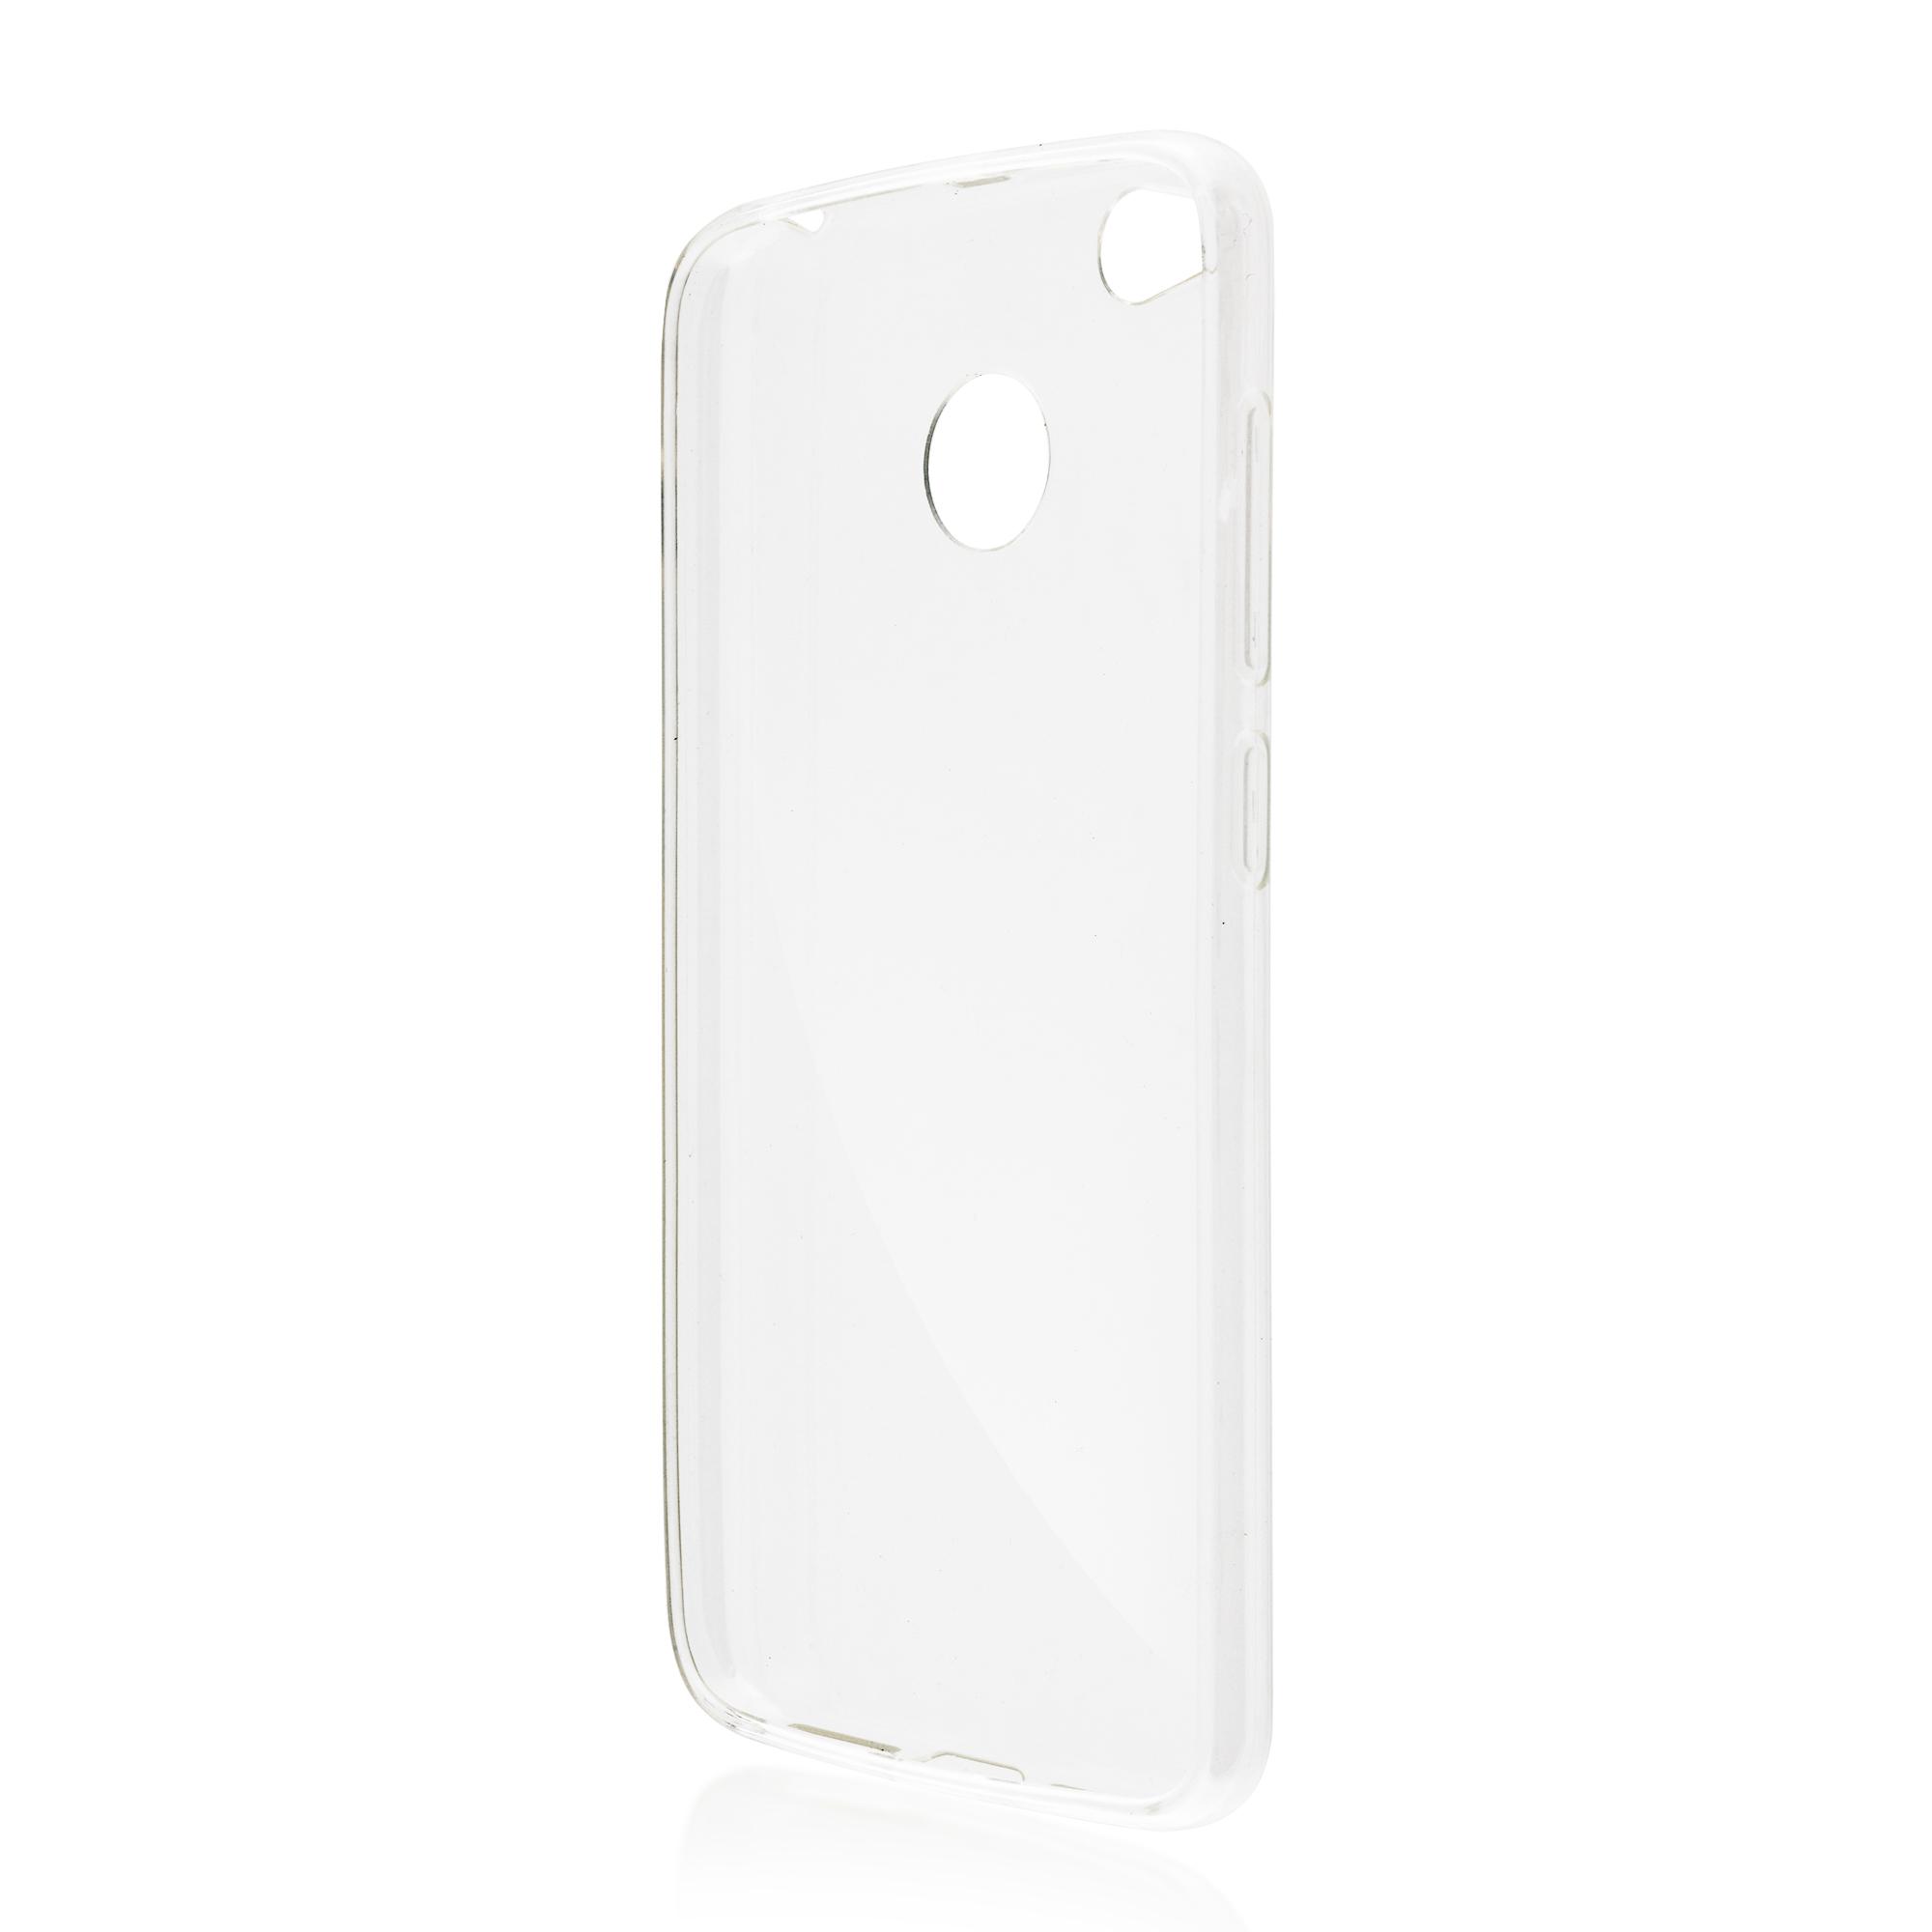 Силиконовый чехол Brosco для Xiaomi Redmi 4X, прозрачный